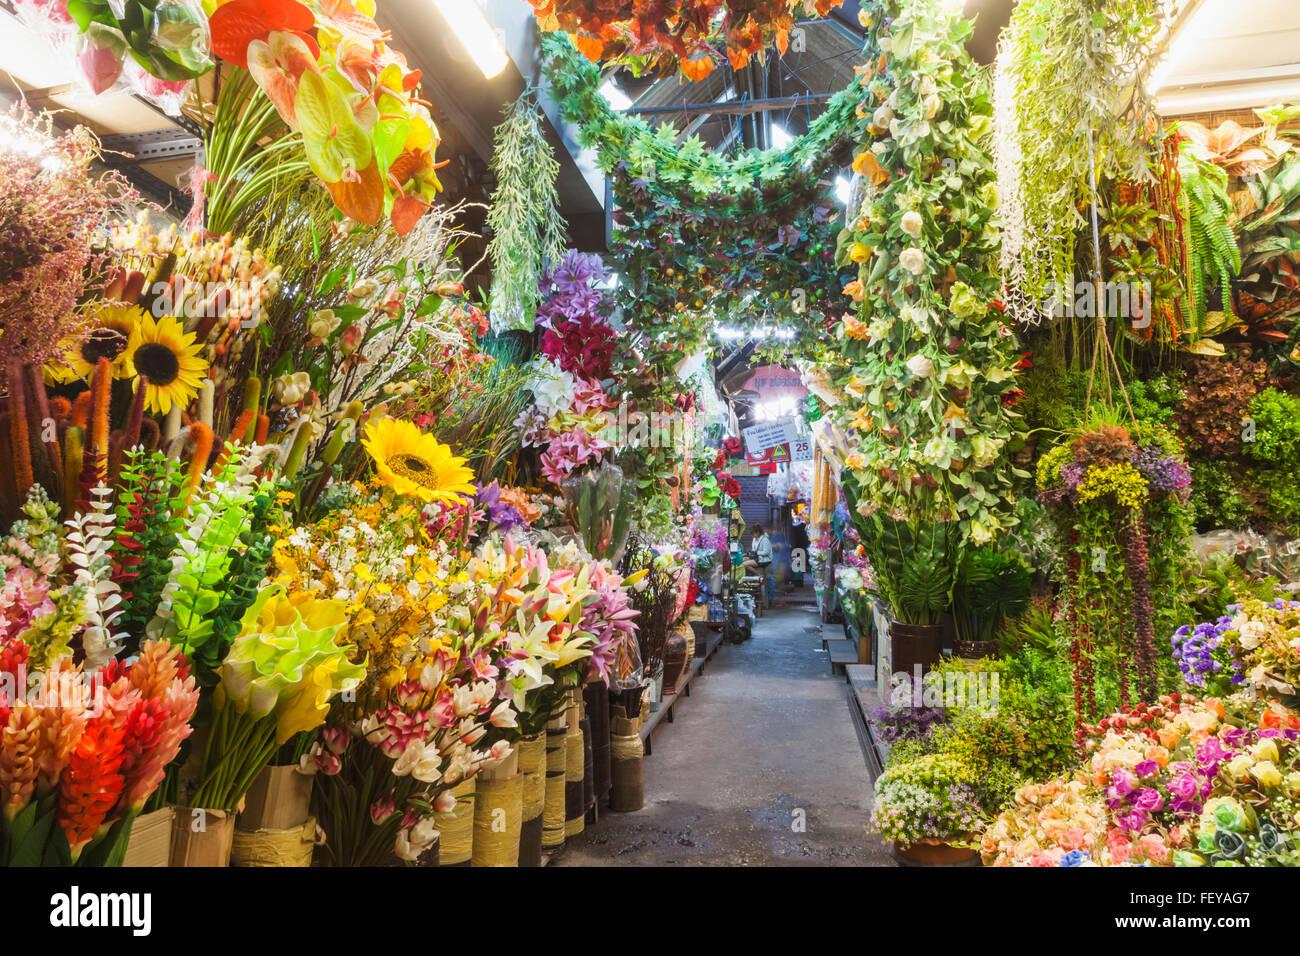 Thailand Bangkok Chatuchak Market Shop Display Of Artificial